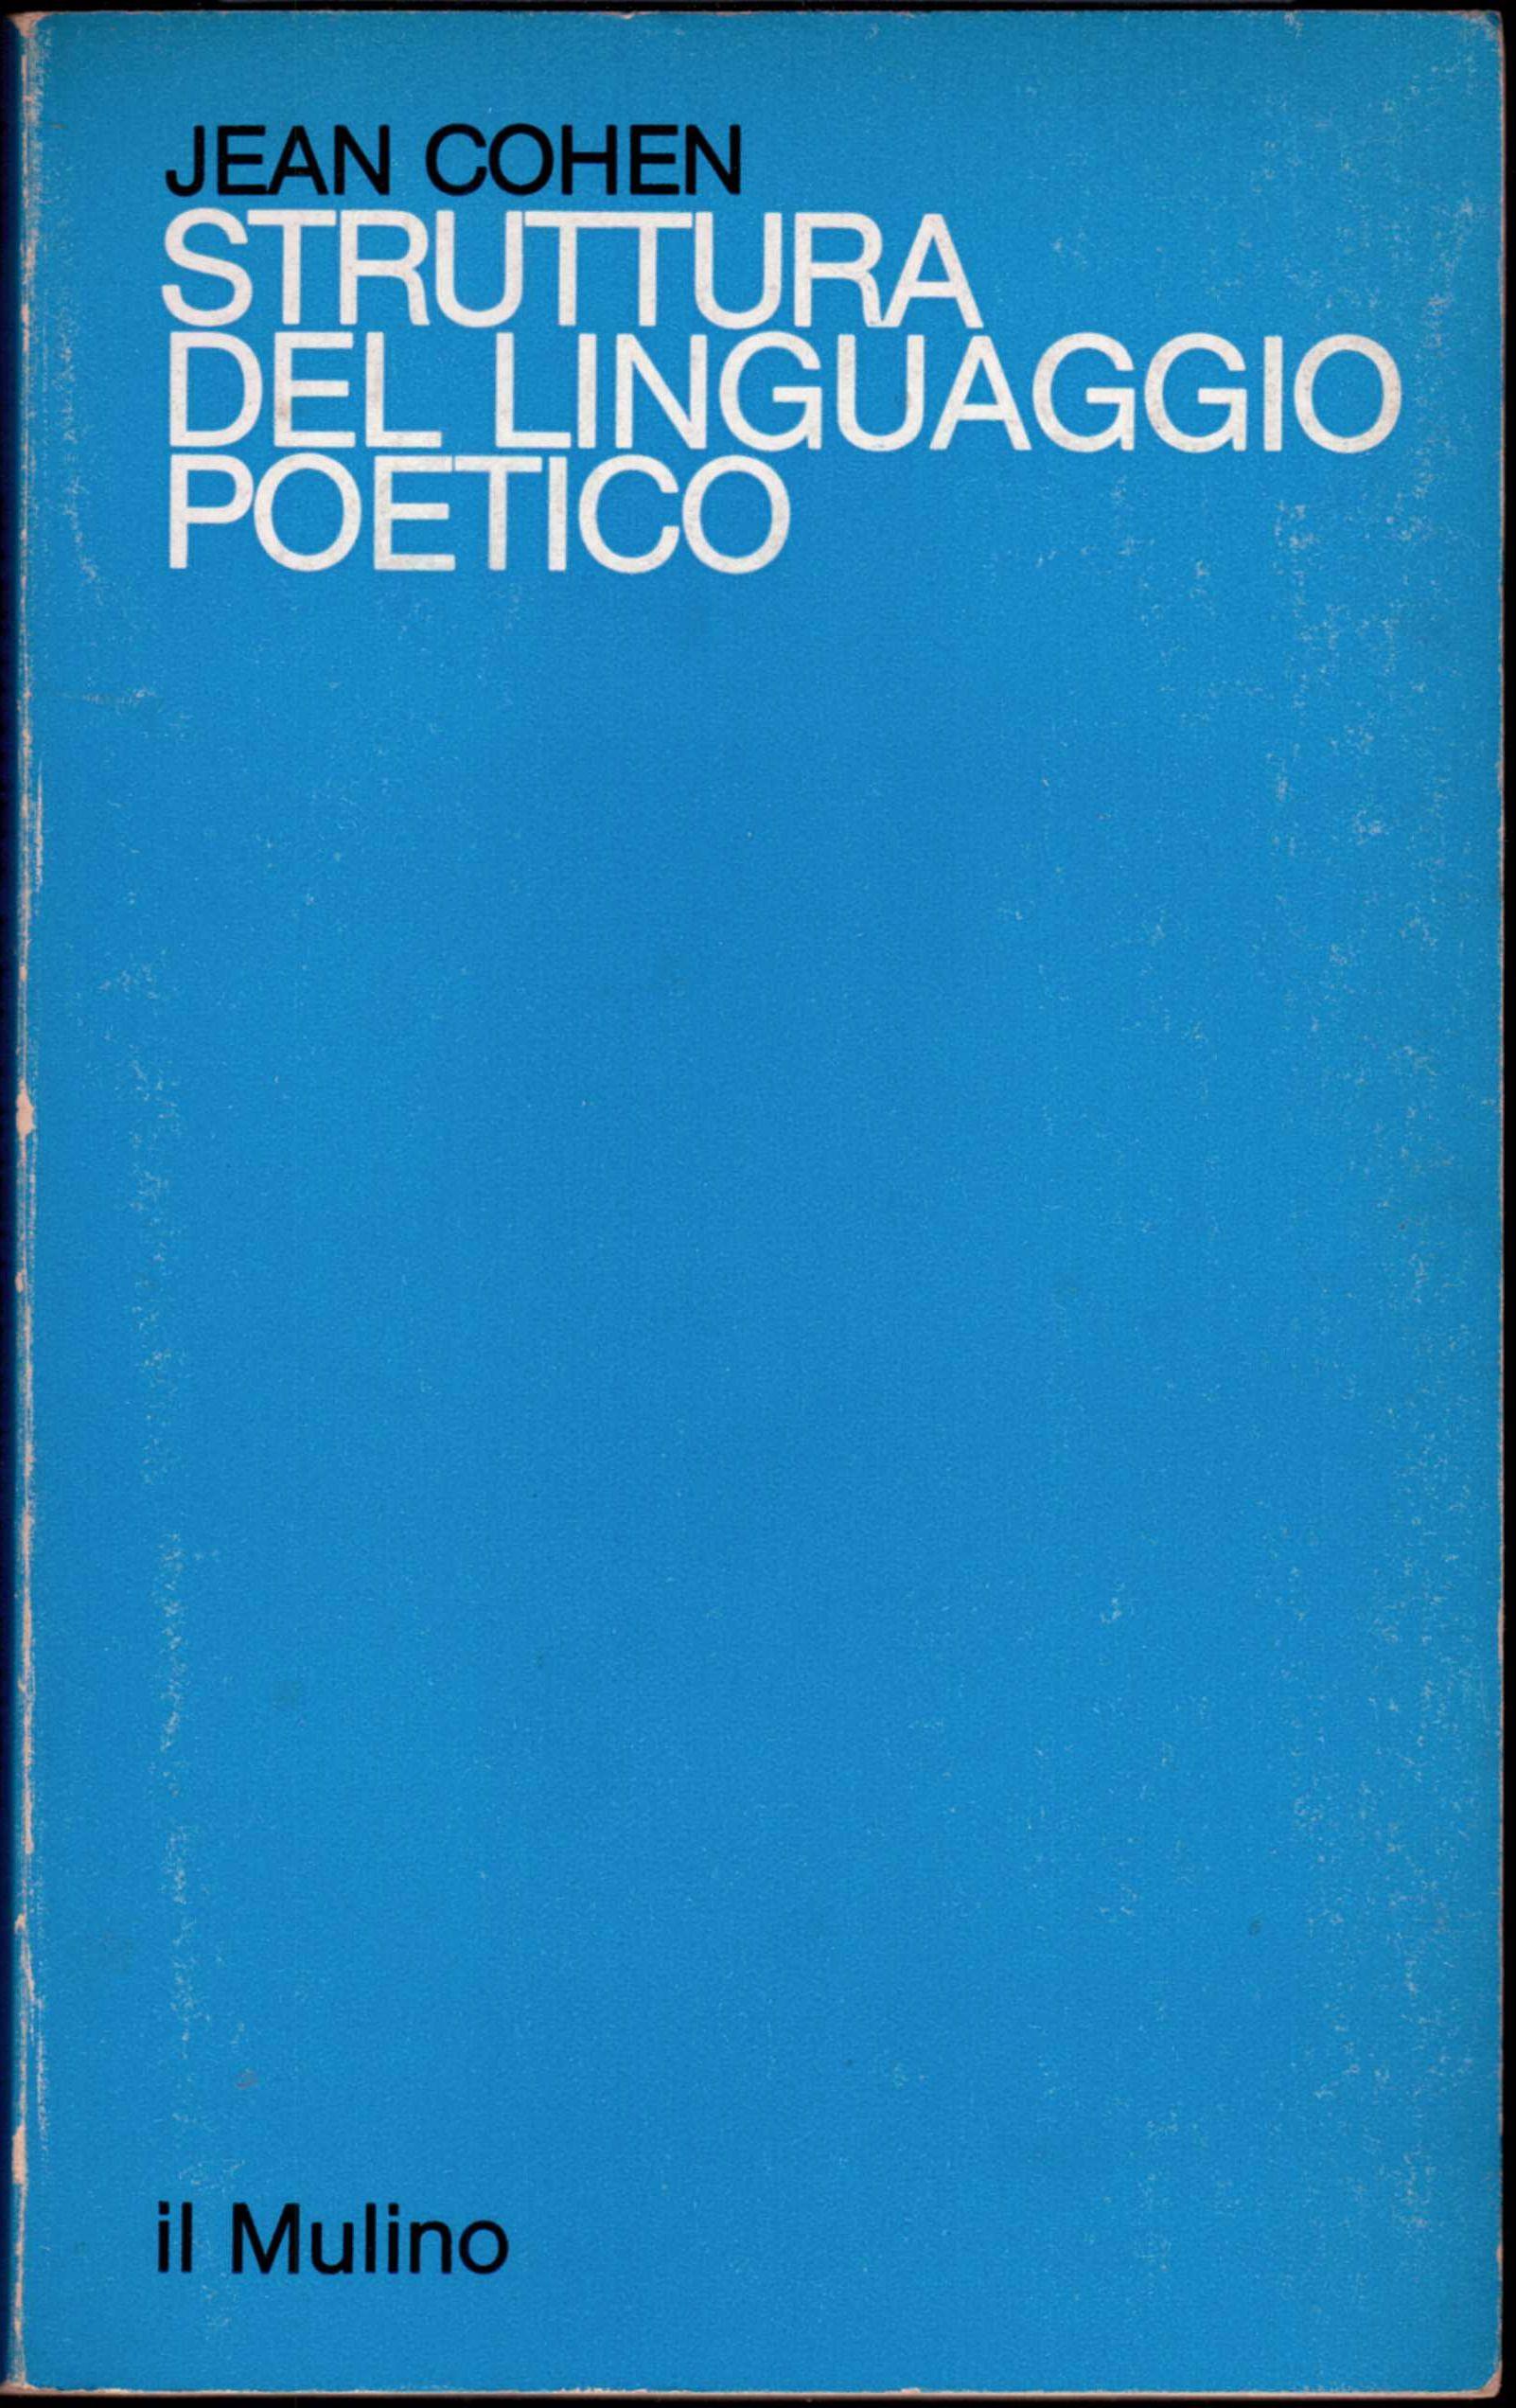 Struttura del linguaggio poetico